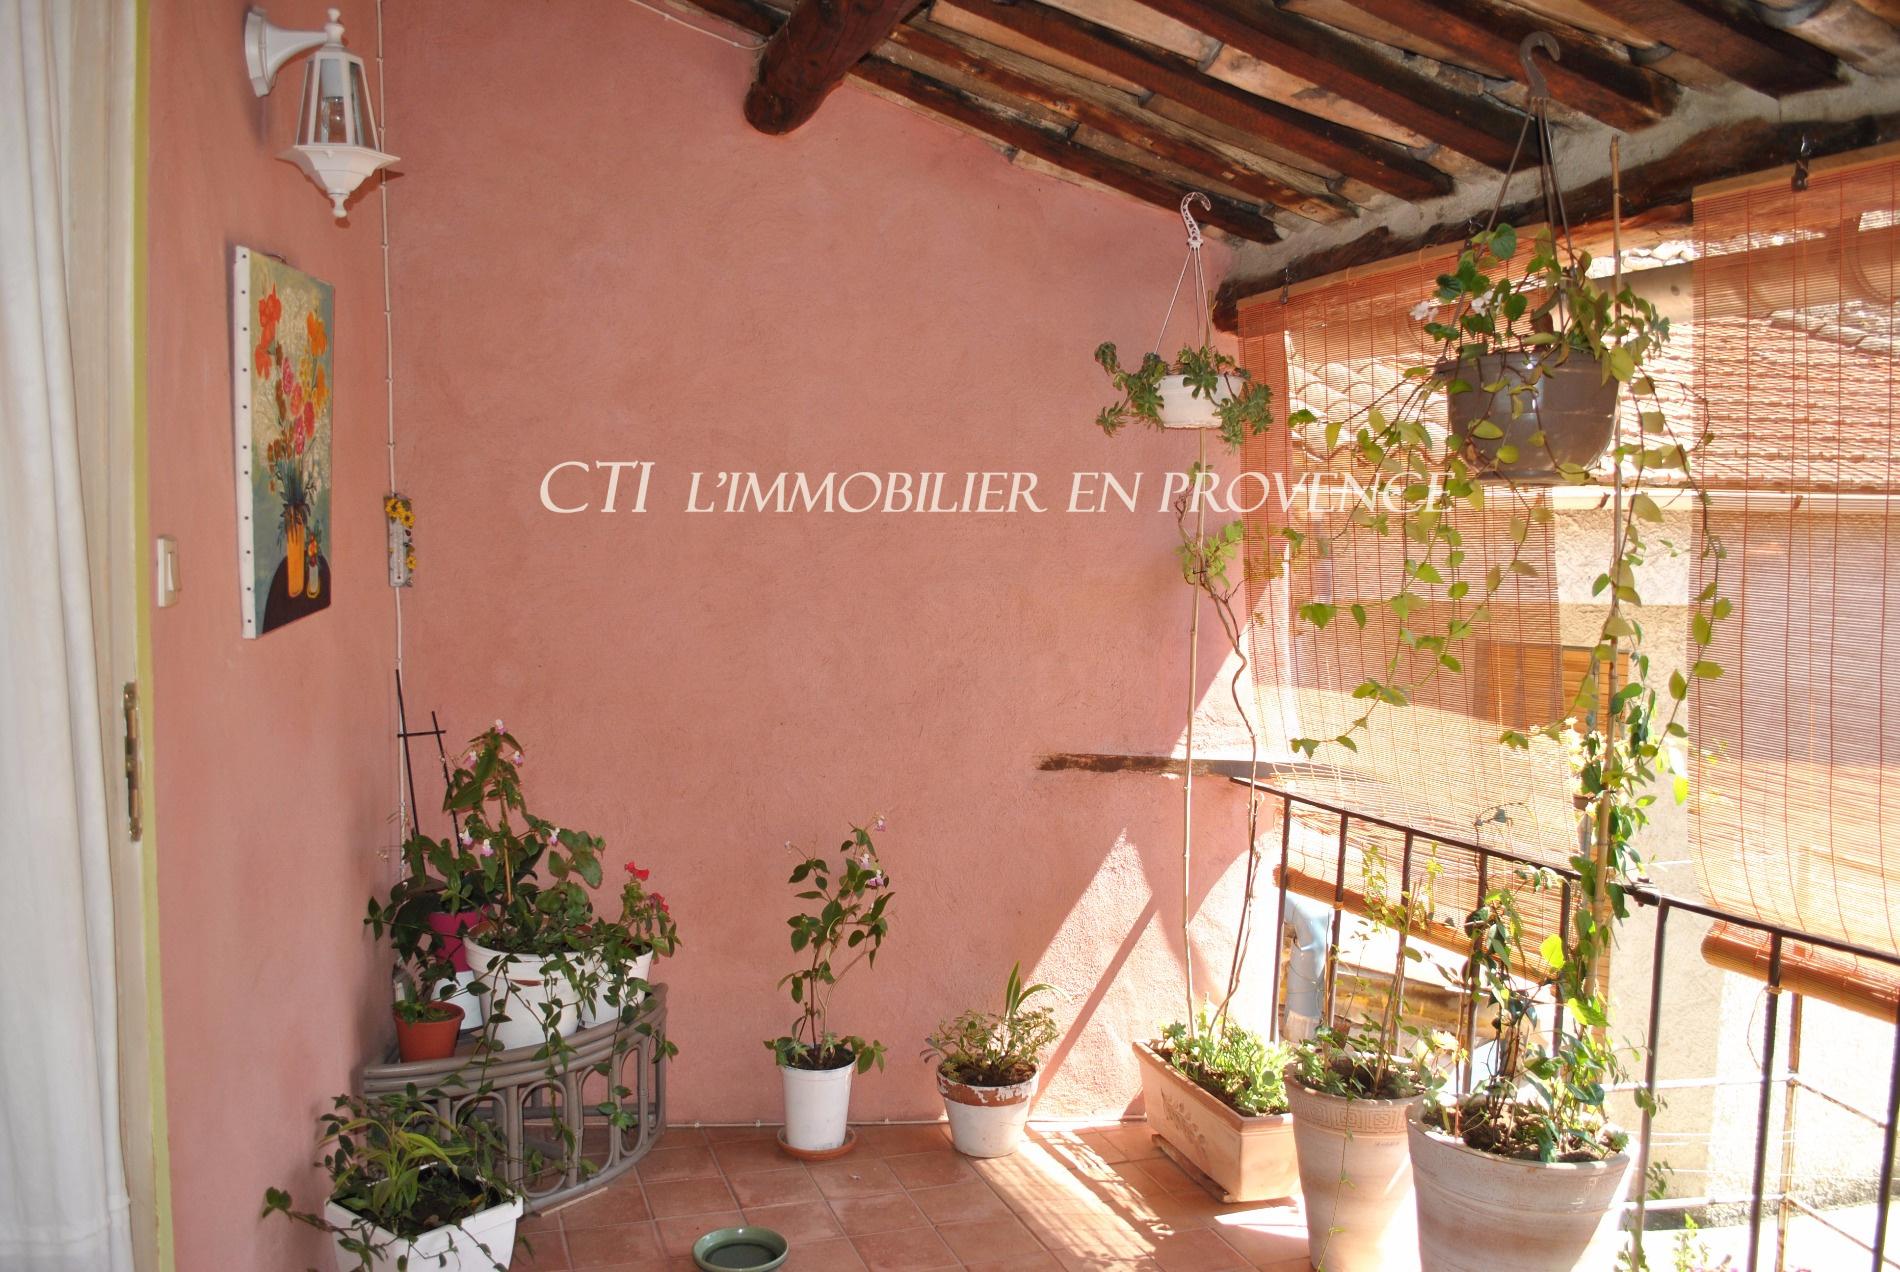 0 www.cti-provence.net, vente maison de village restaurée sur 3 niveaux, garage, terrasse